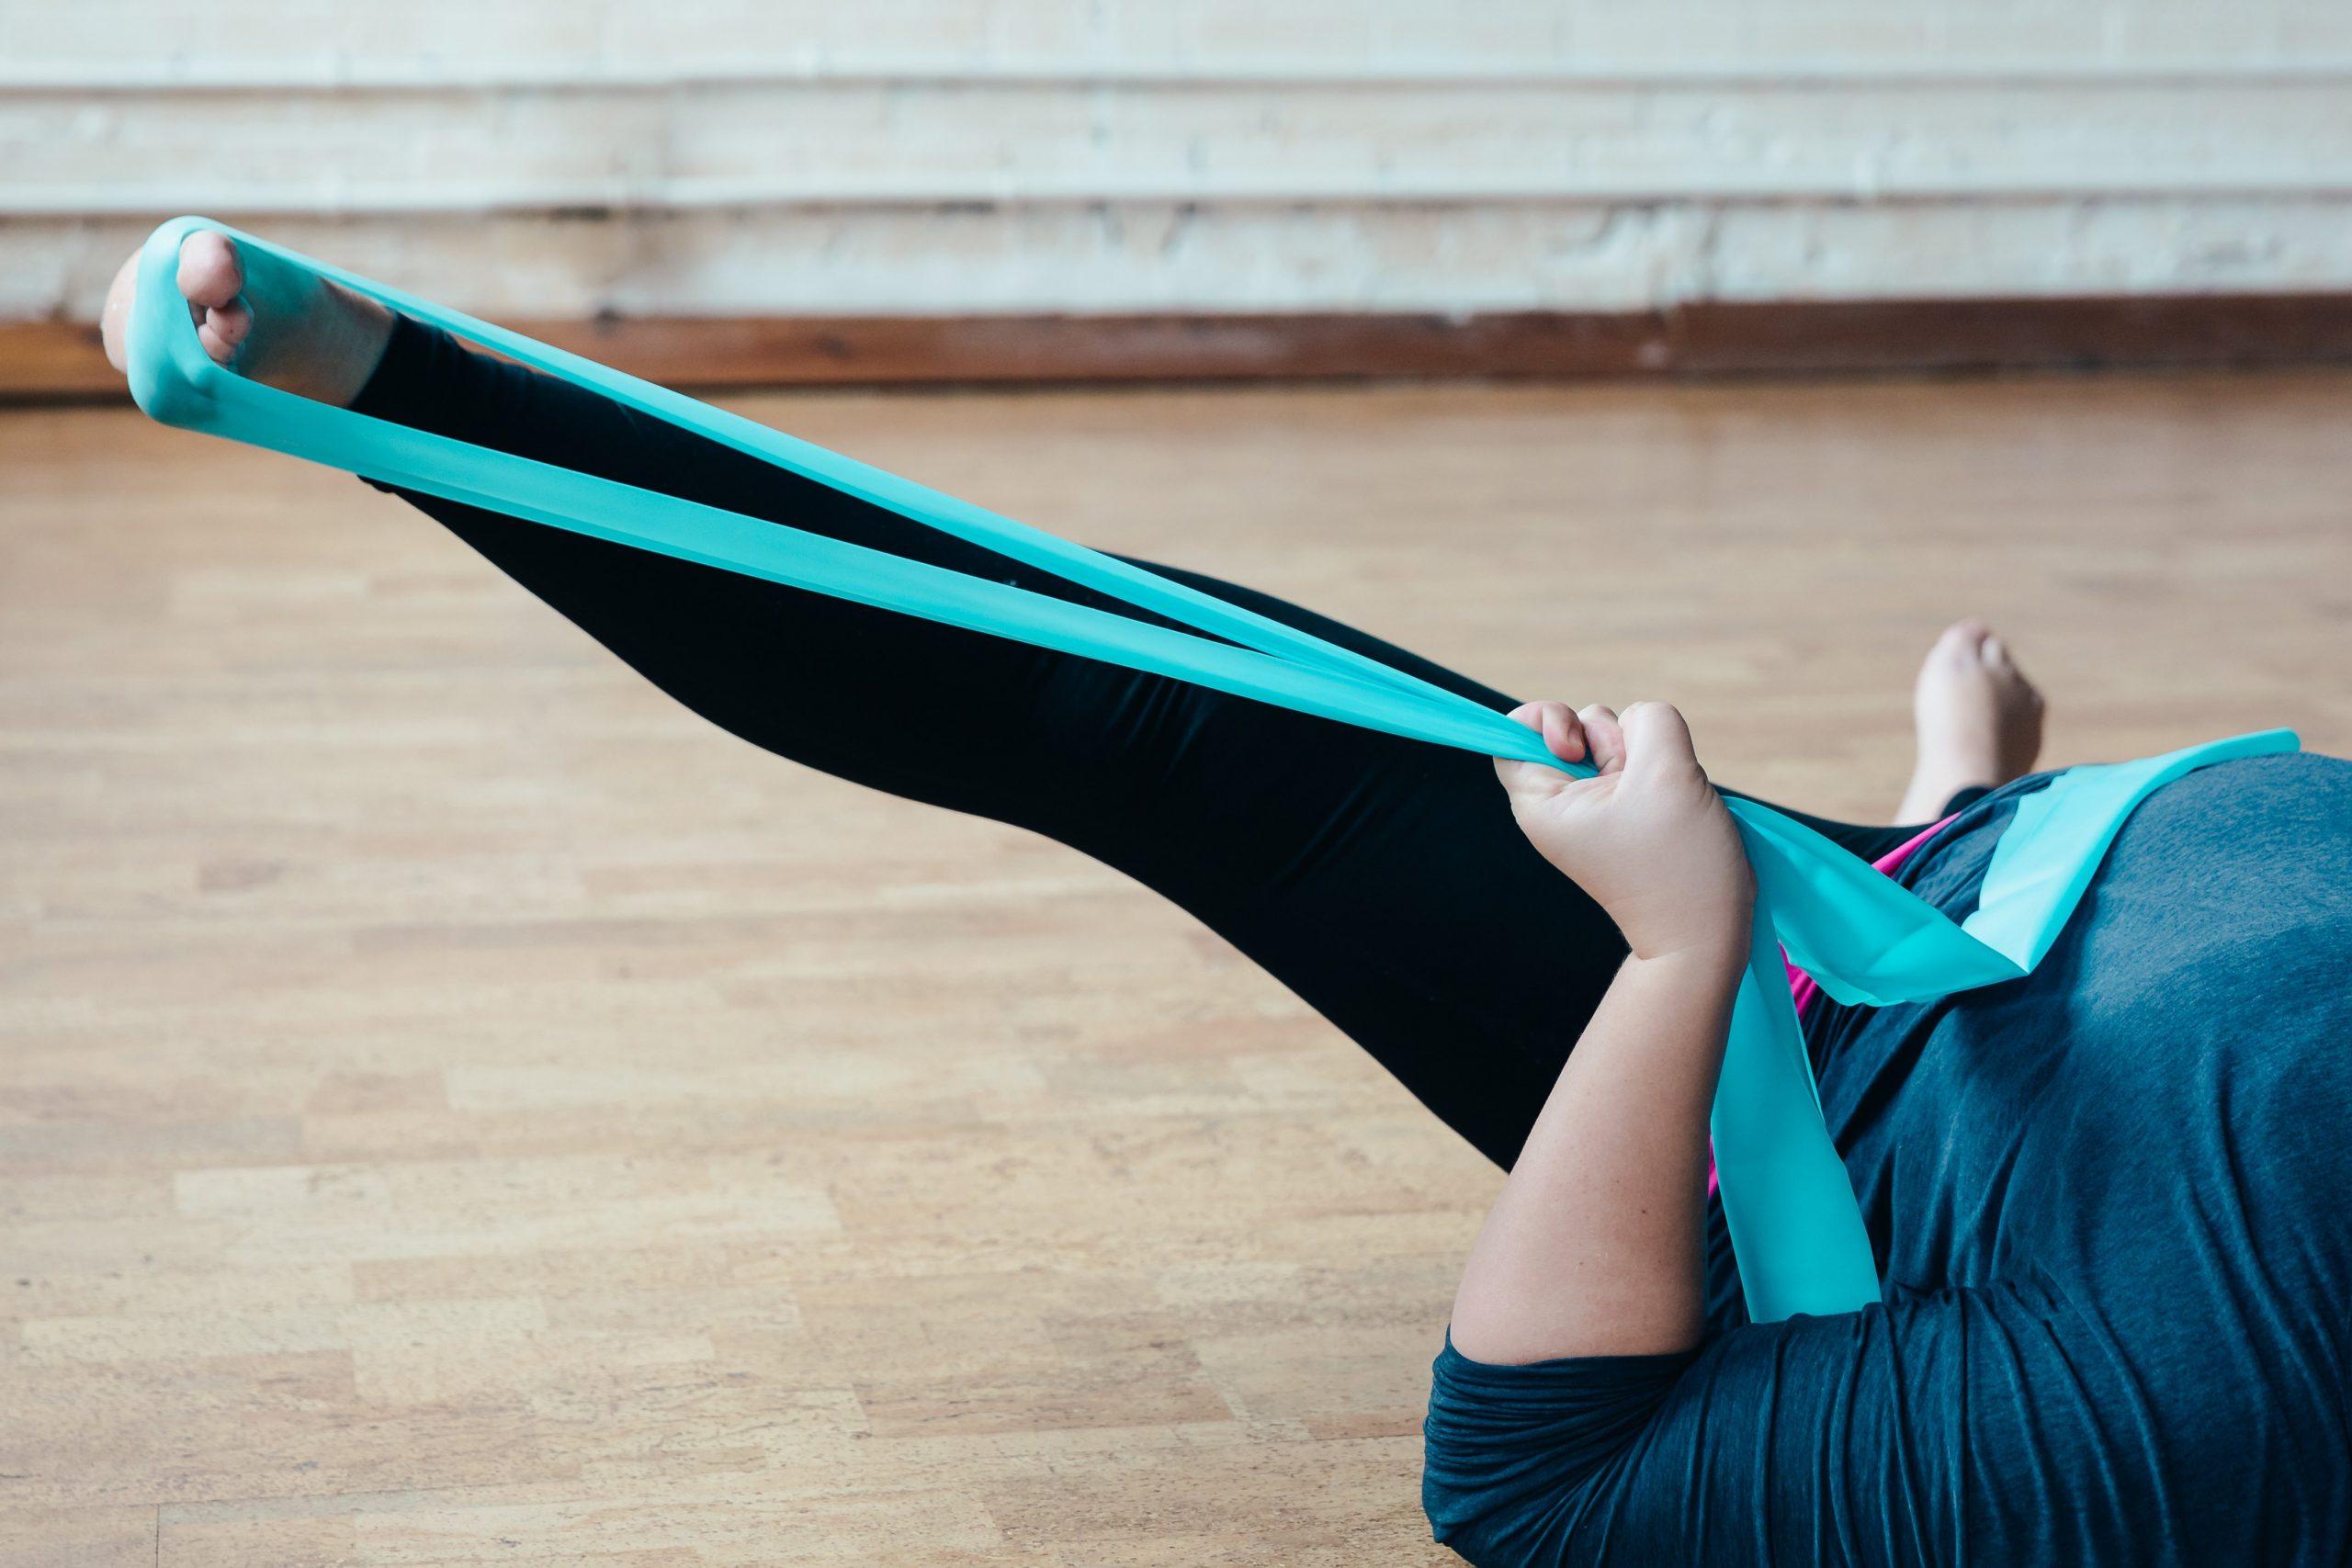 中元堂跌打理療可以處理各種痛症, 提供跌打上門服務,痛症治療,舒緩頭痛膝痛踭痛,由扭傷、撞傷或拗柴導致的肌肉酸痛,以古方跌打,中元堂推拿治療的手法舒緩身體痛楚,達到持續舒緩的目的